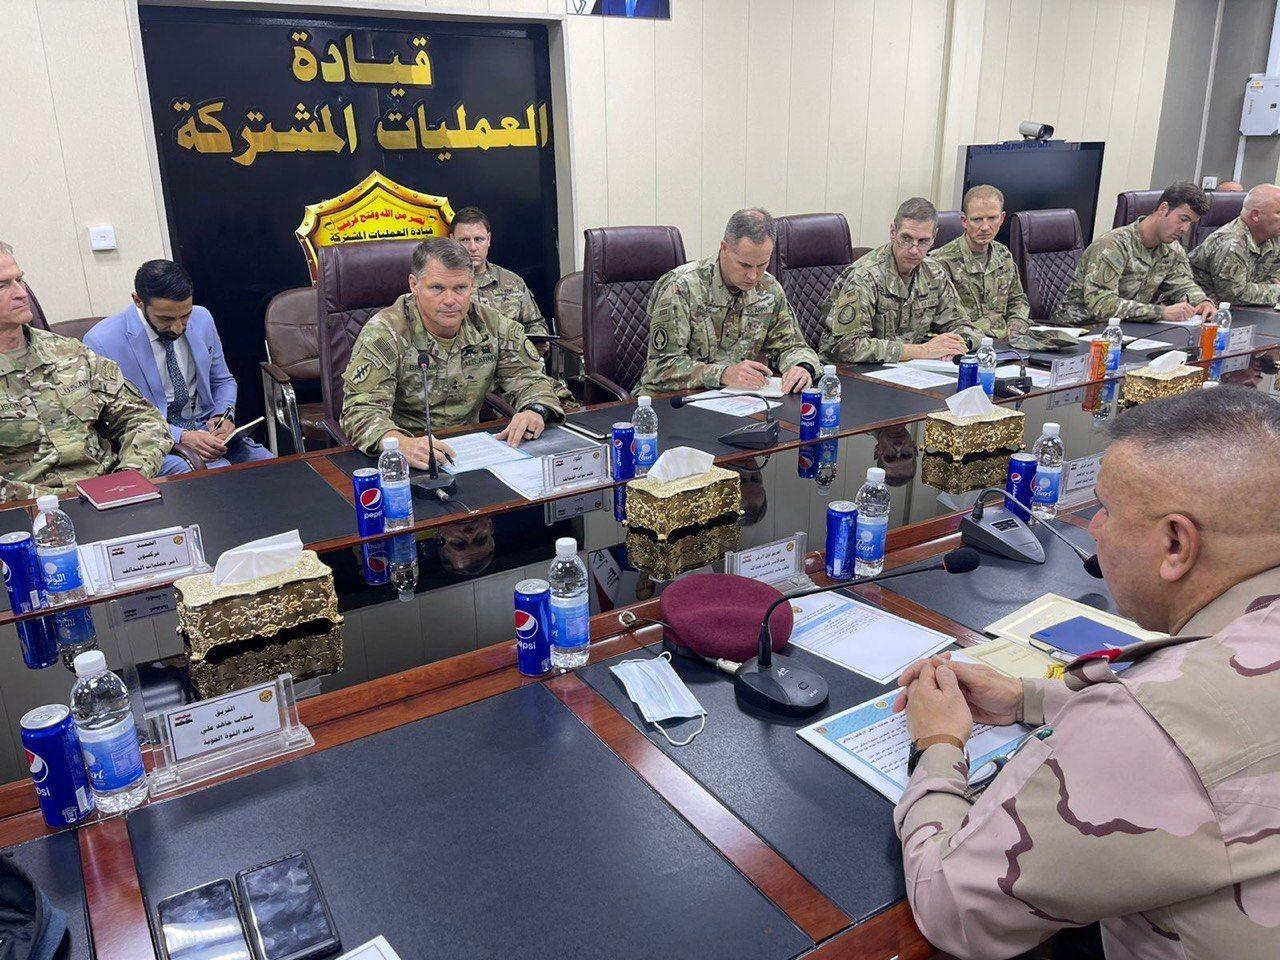 بغداد وواشنطن تتفقان على تقليص الوحدات القتالية الأمريكية في العراق